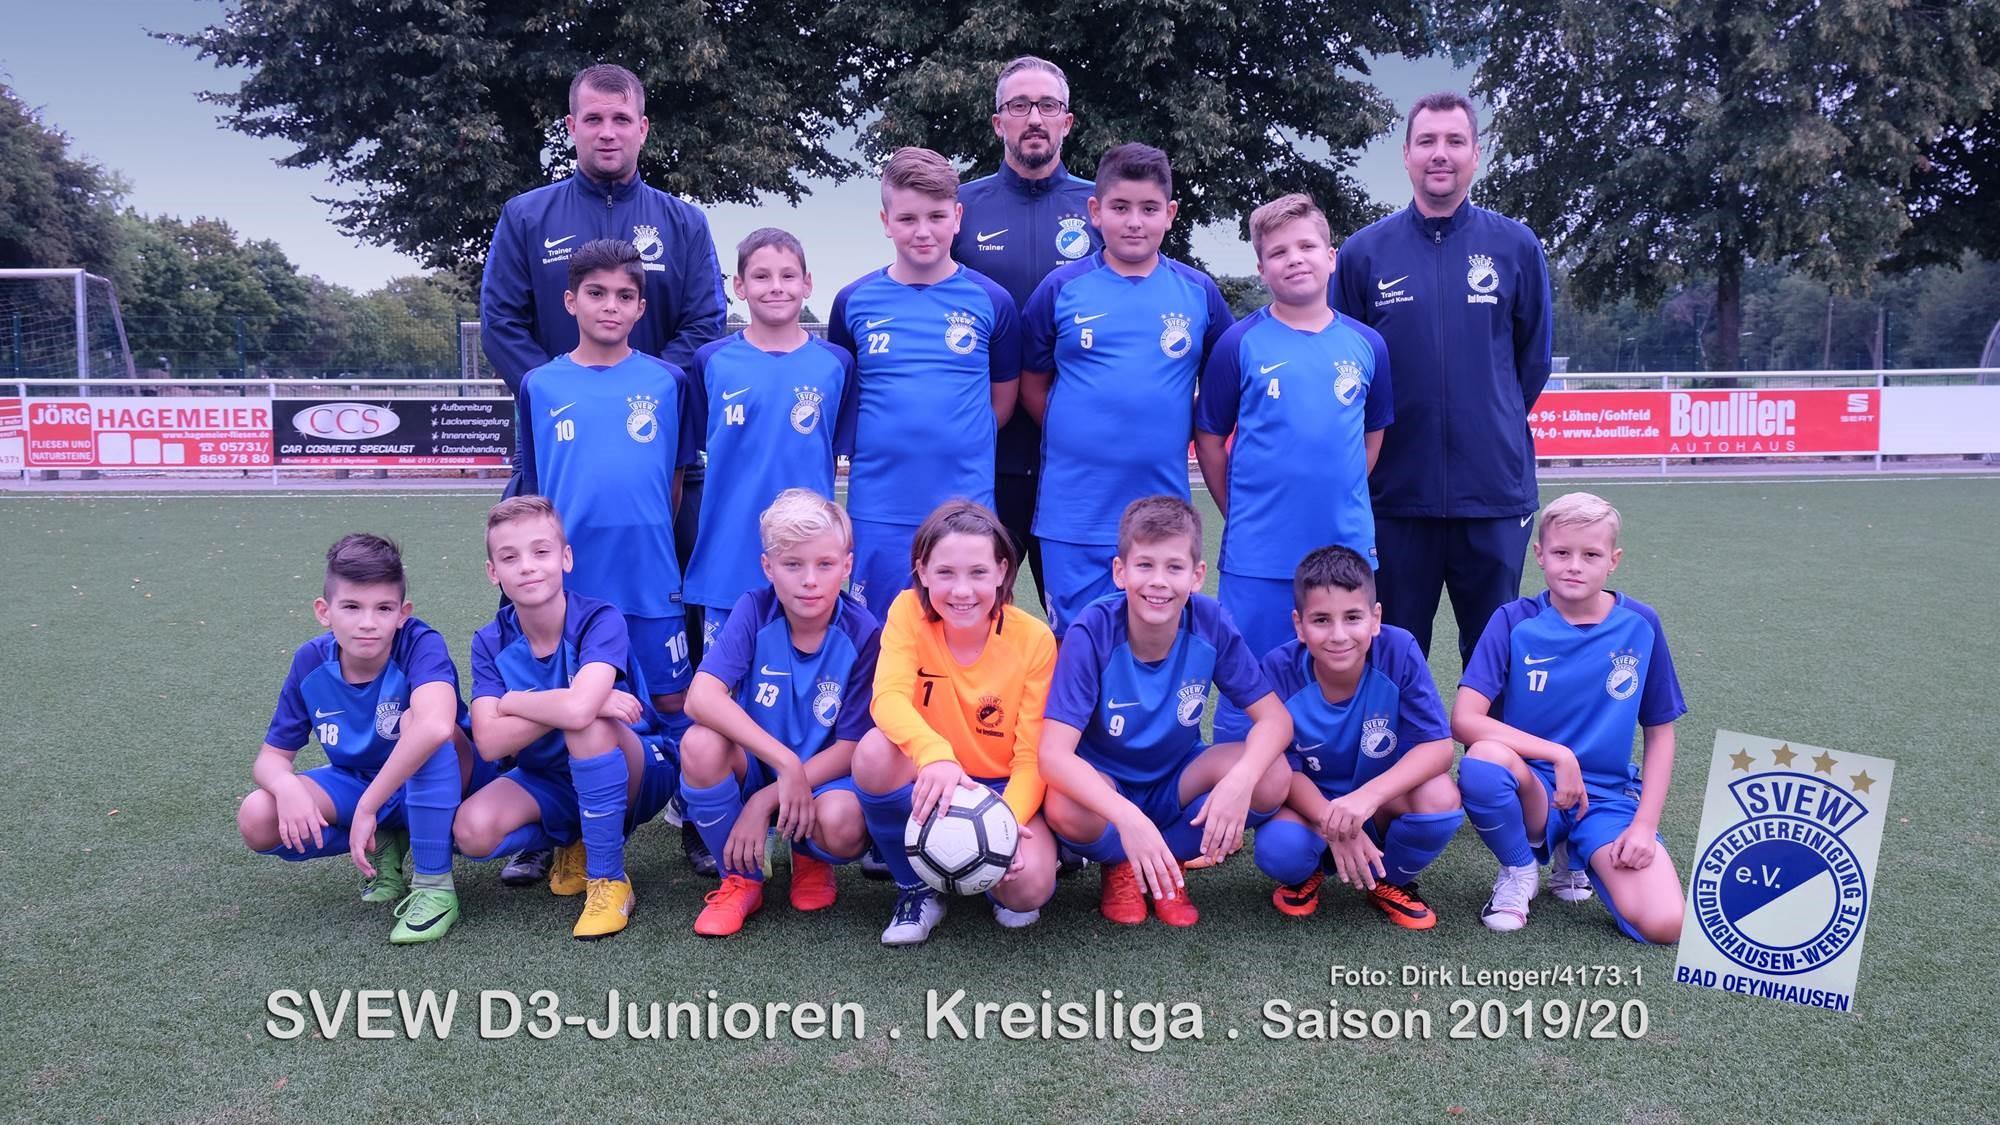 Mannschaftsfoto SVEW Bad Oeynhausen 10